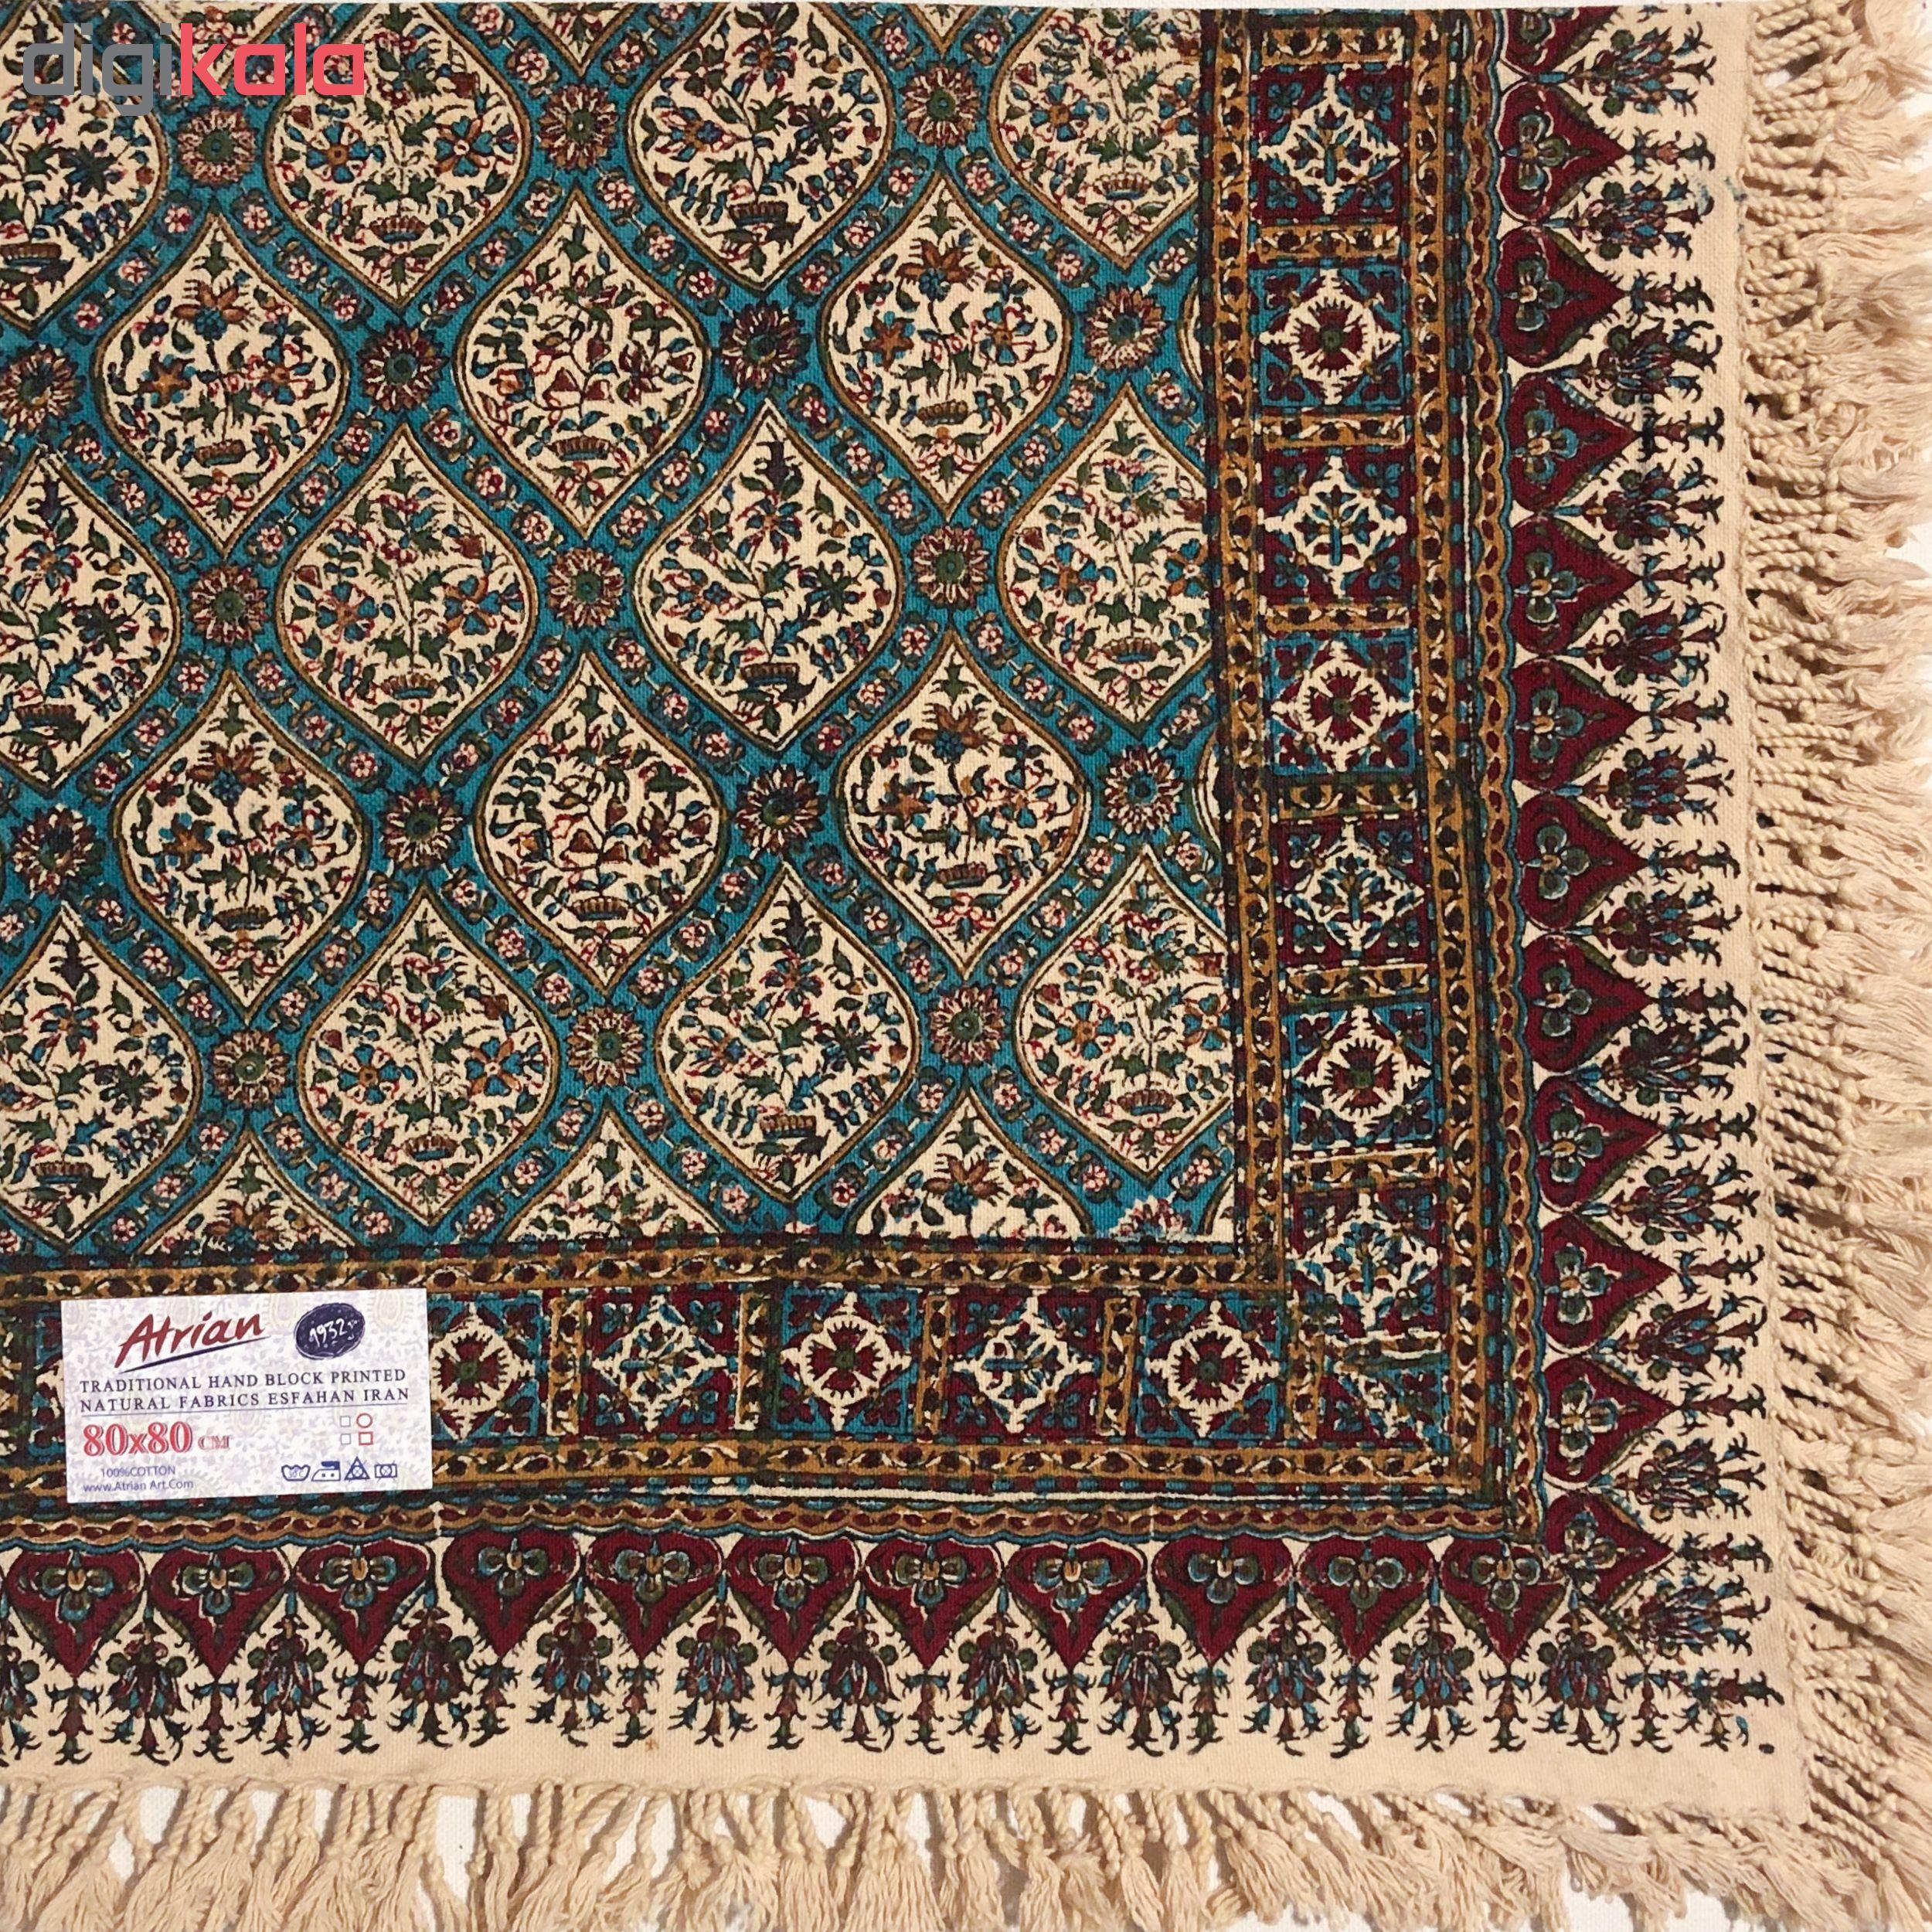 خرید                      رومیزی قلمکار ممتاز اصفهان اثر عطريان طرح حصیری مدل G114 سایز ۸۰*۸۰ سانتی متر